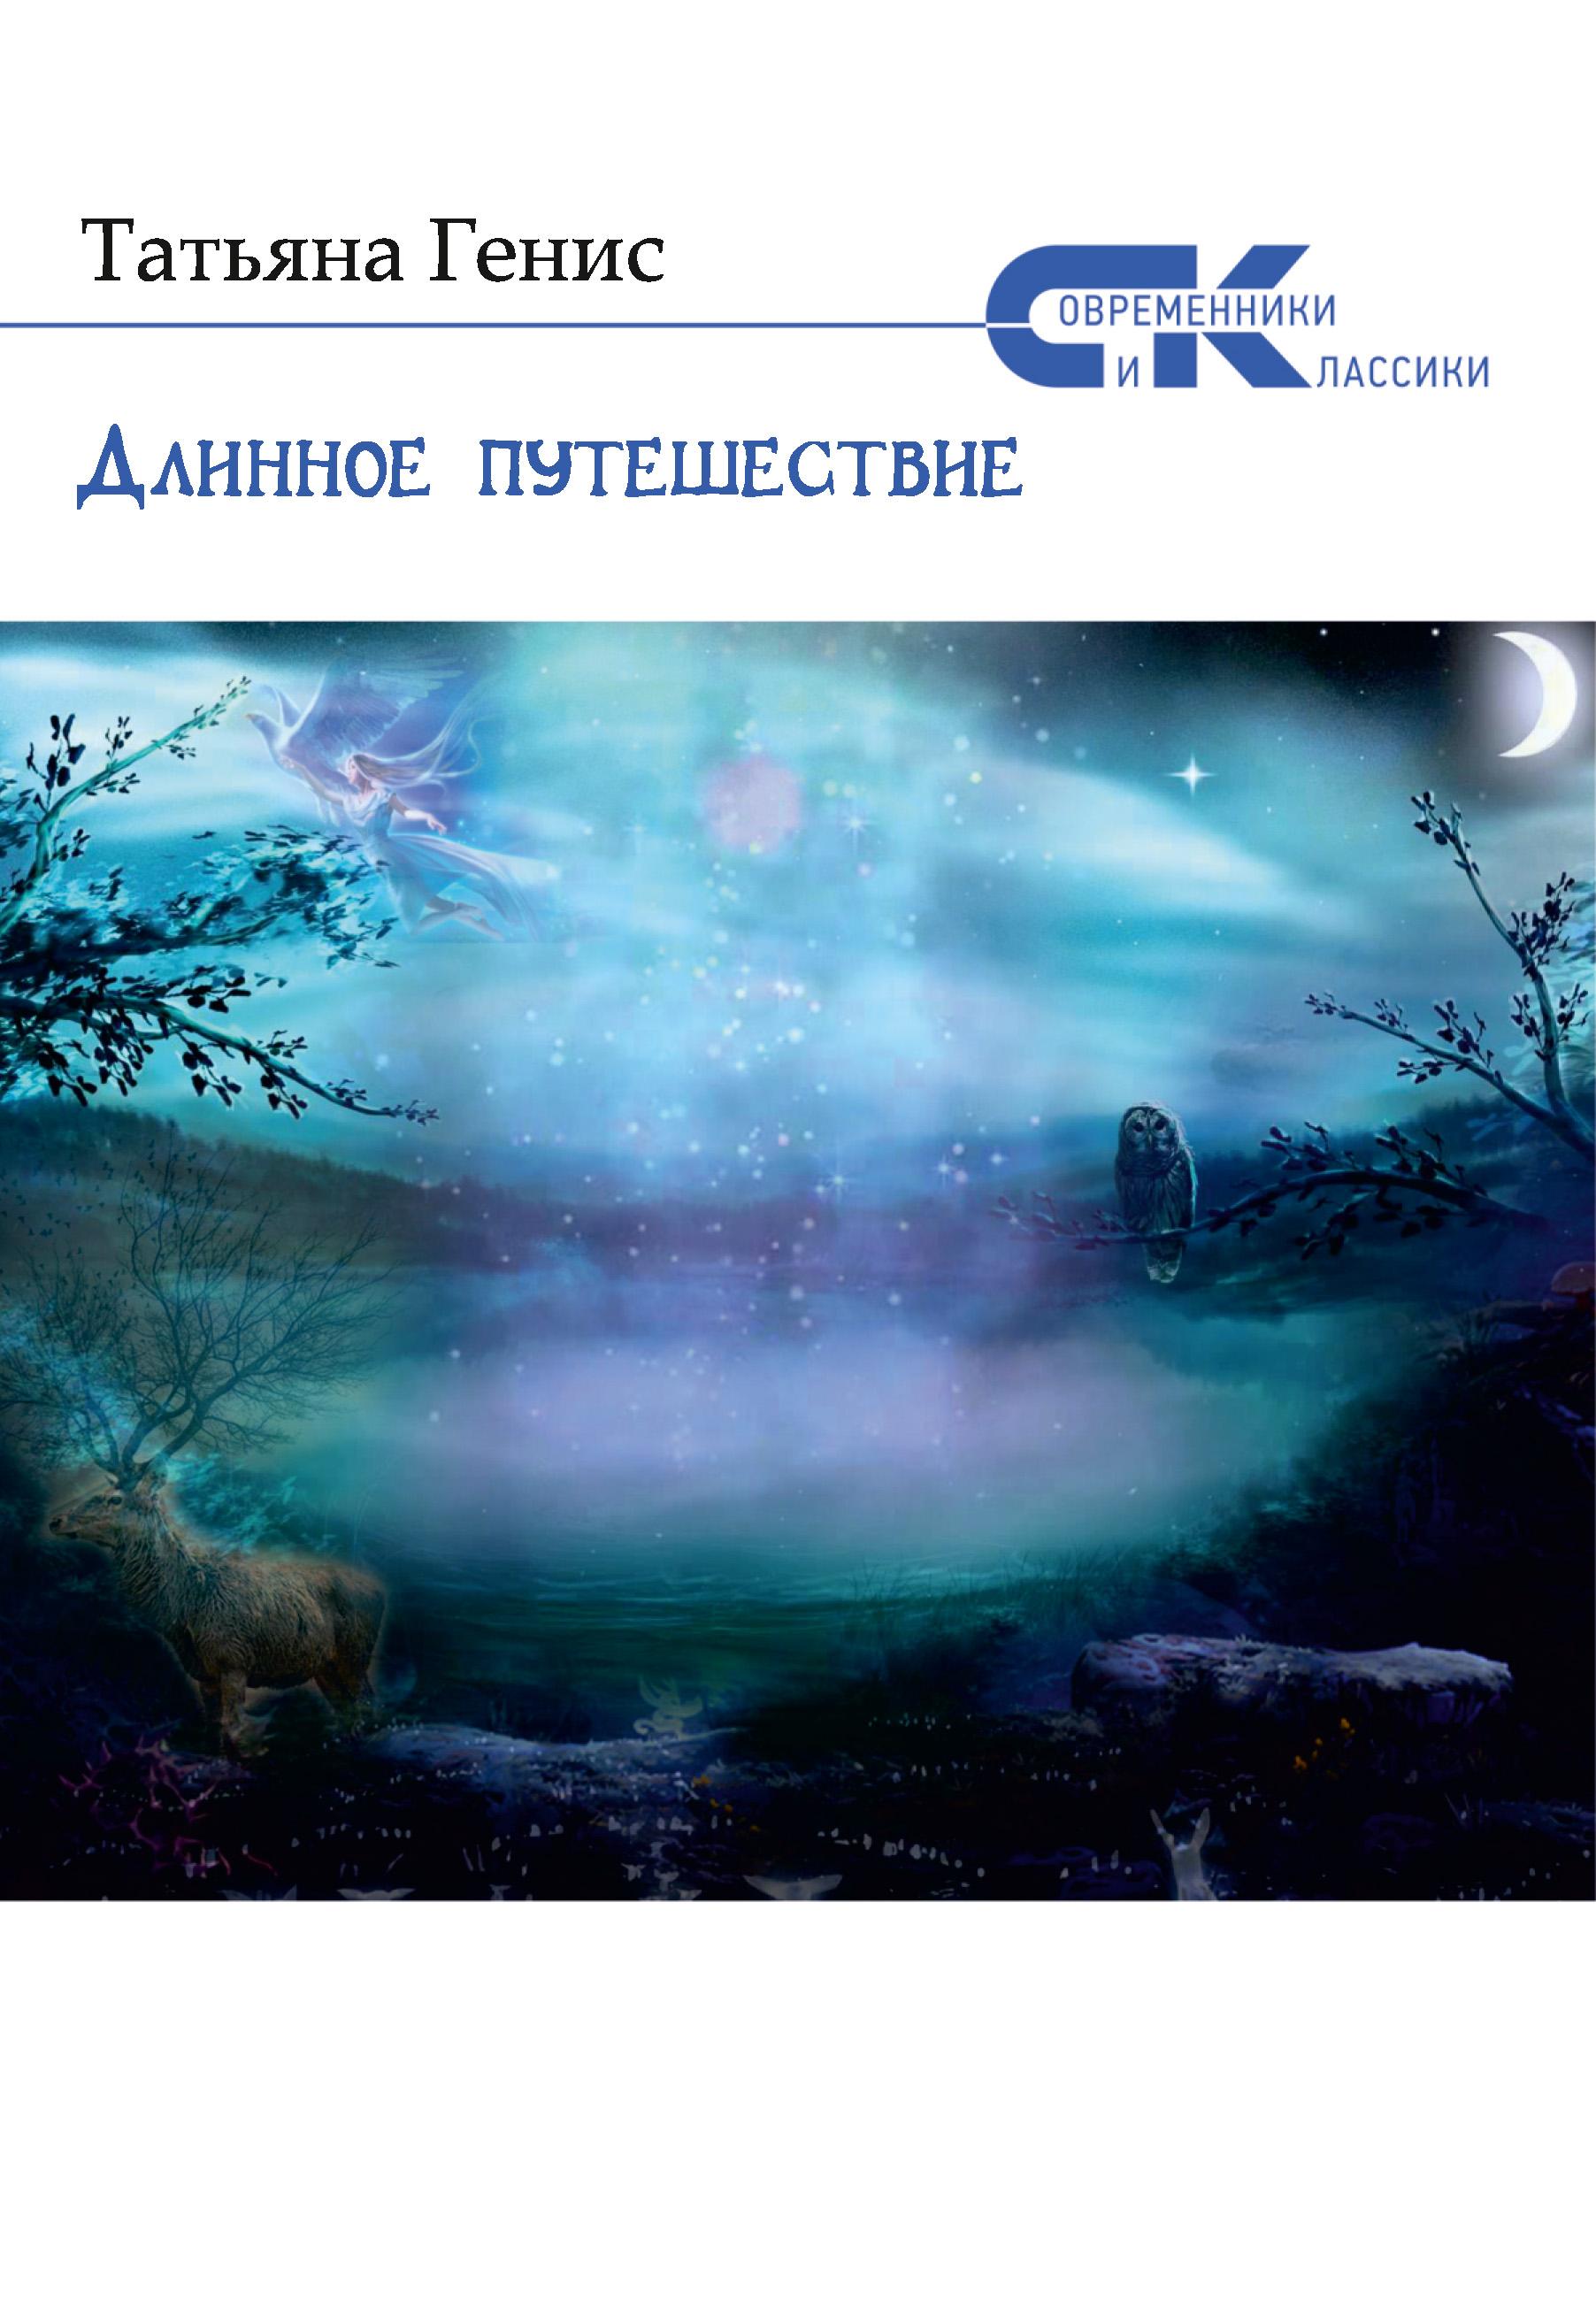 Татьяна Генис Длинное путешествие (сборник) валь ян длинное долгое путешествие